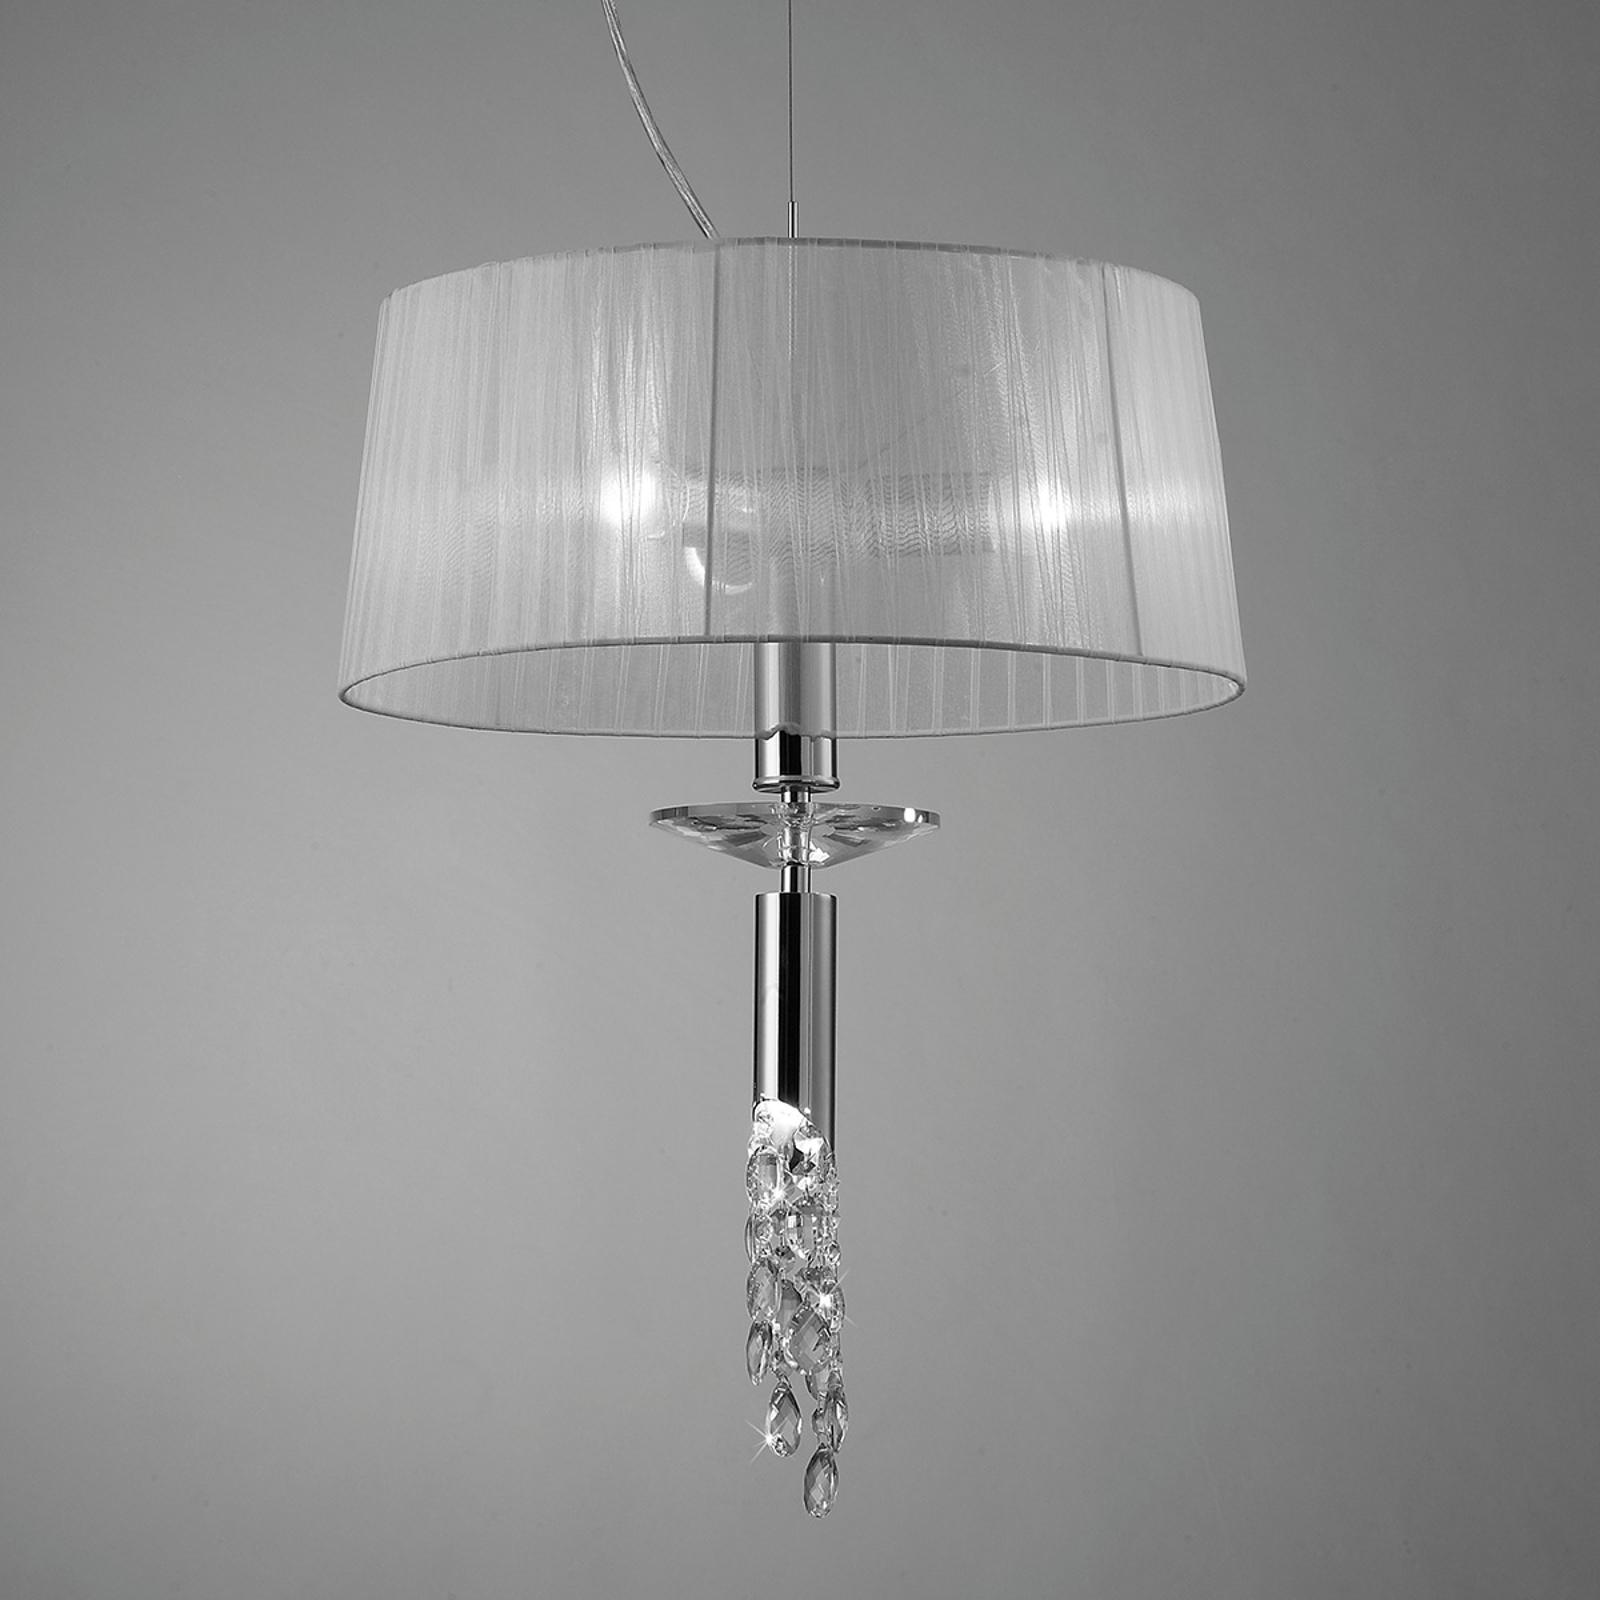 Lampa wisząca Lilja Ø 46 cm